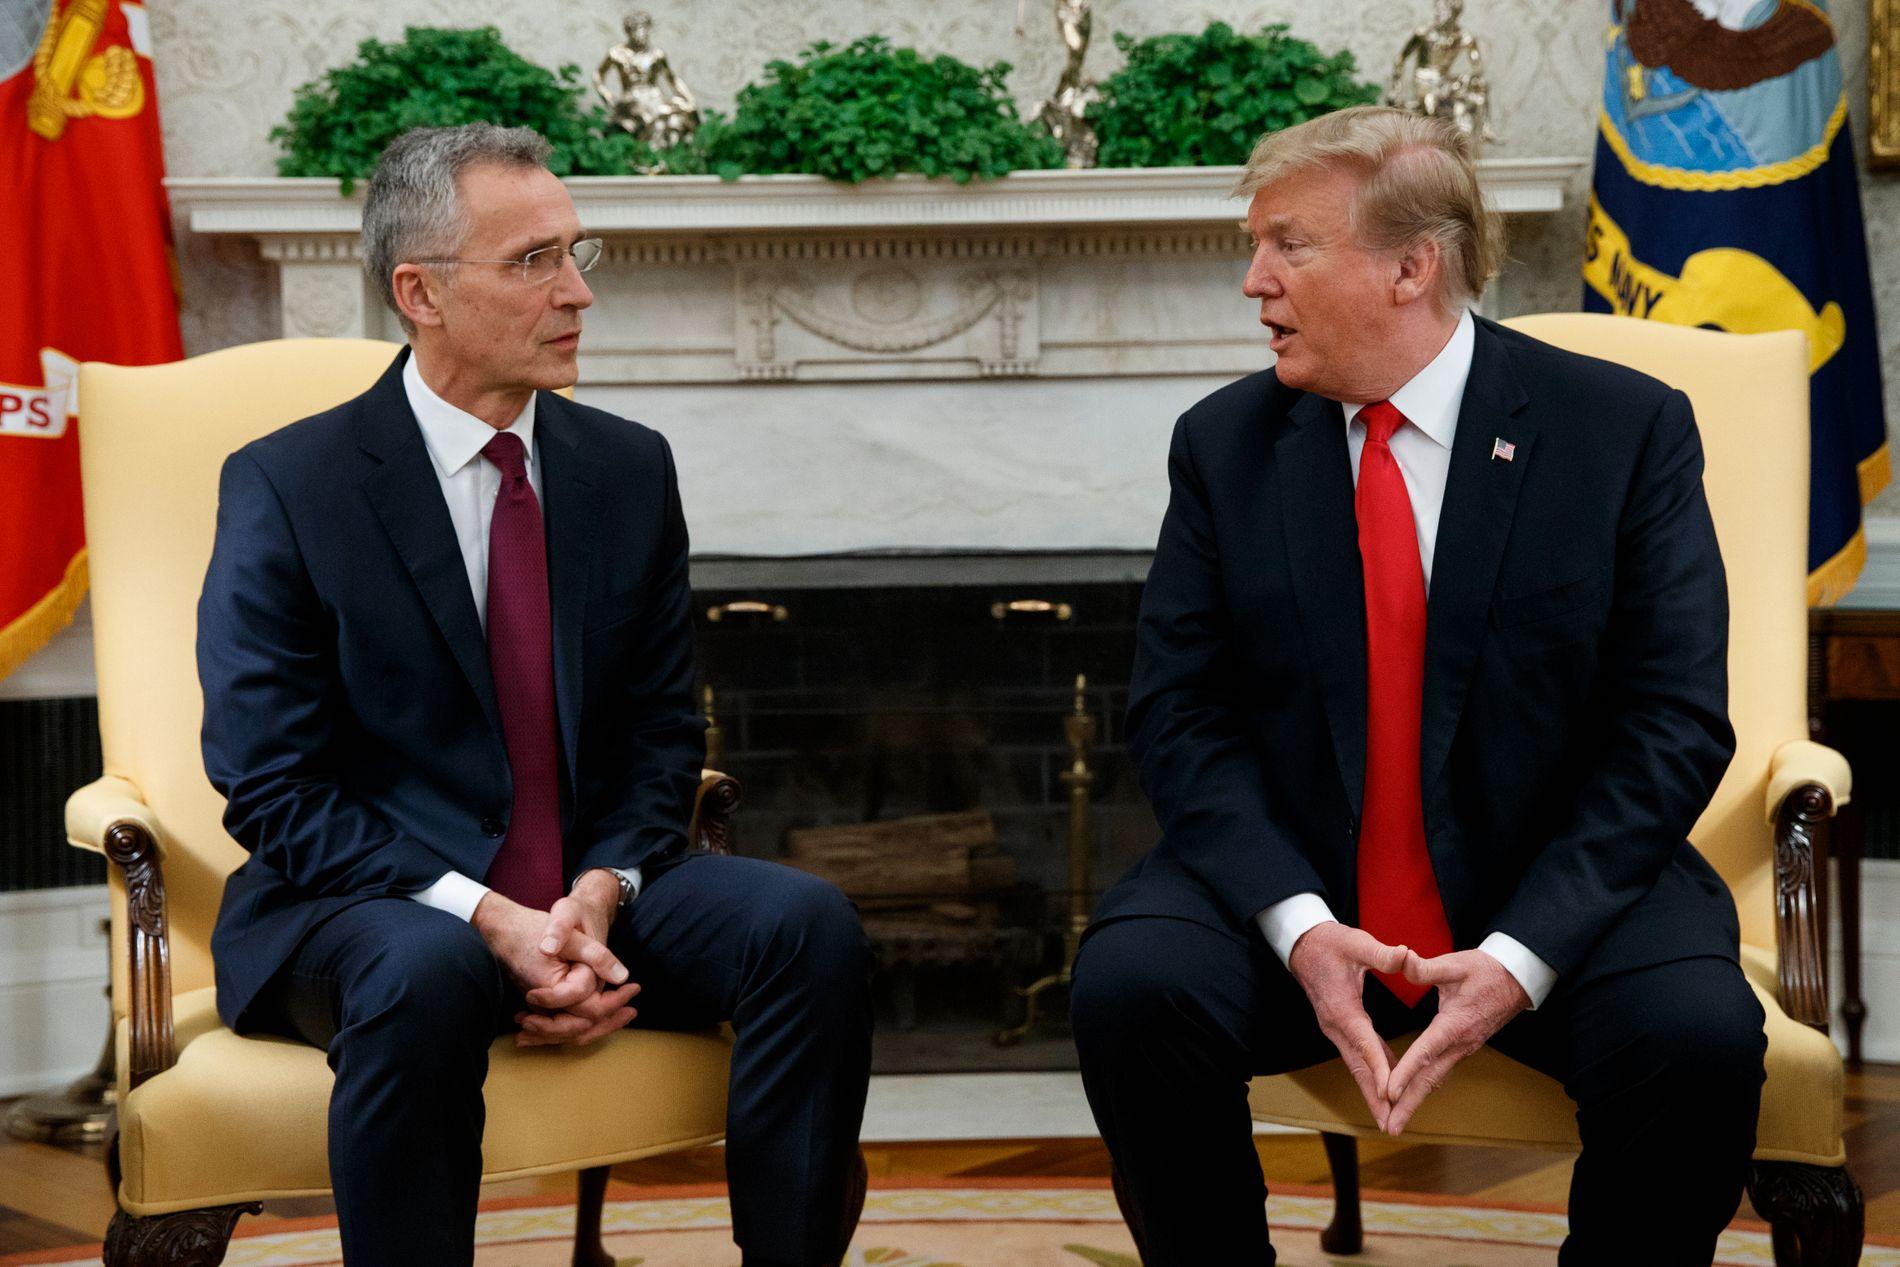 OMSTRIDT KRAV: Det stemmer ikke at Norge bruker lite på forsvar, mener innsenderen. Nato-sjef Jens Stoltenberg (til venstre) og USAs president Donald Trump krever at Norge skal bruke to prosent av bruttonasjonalproduktet på forsvar.